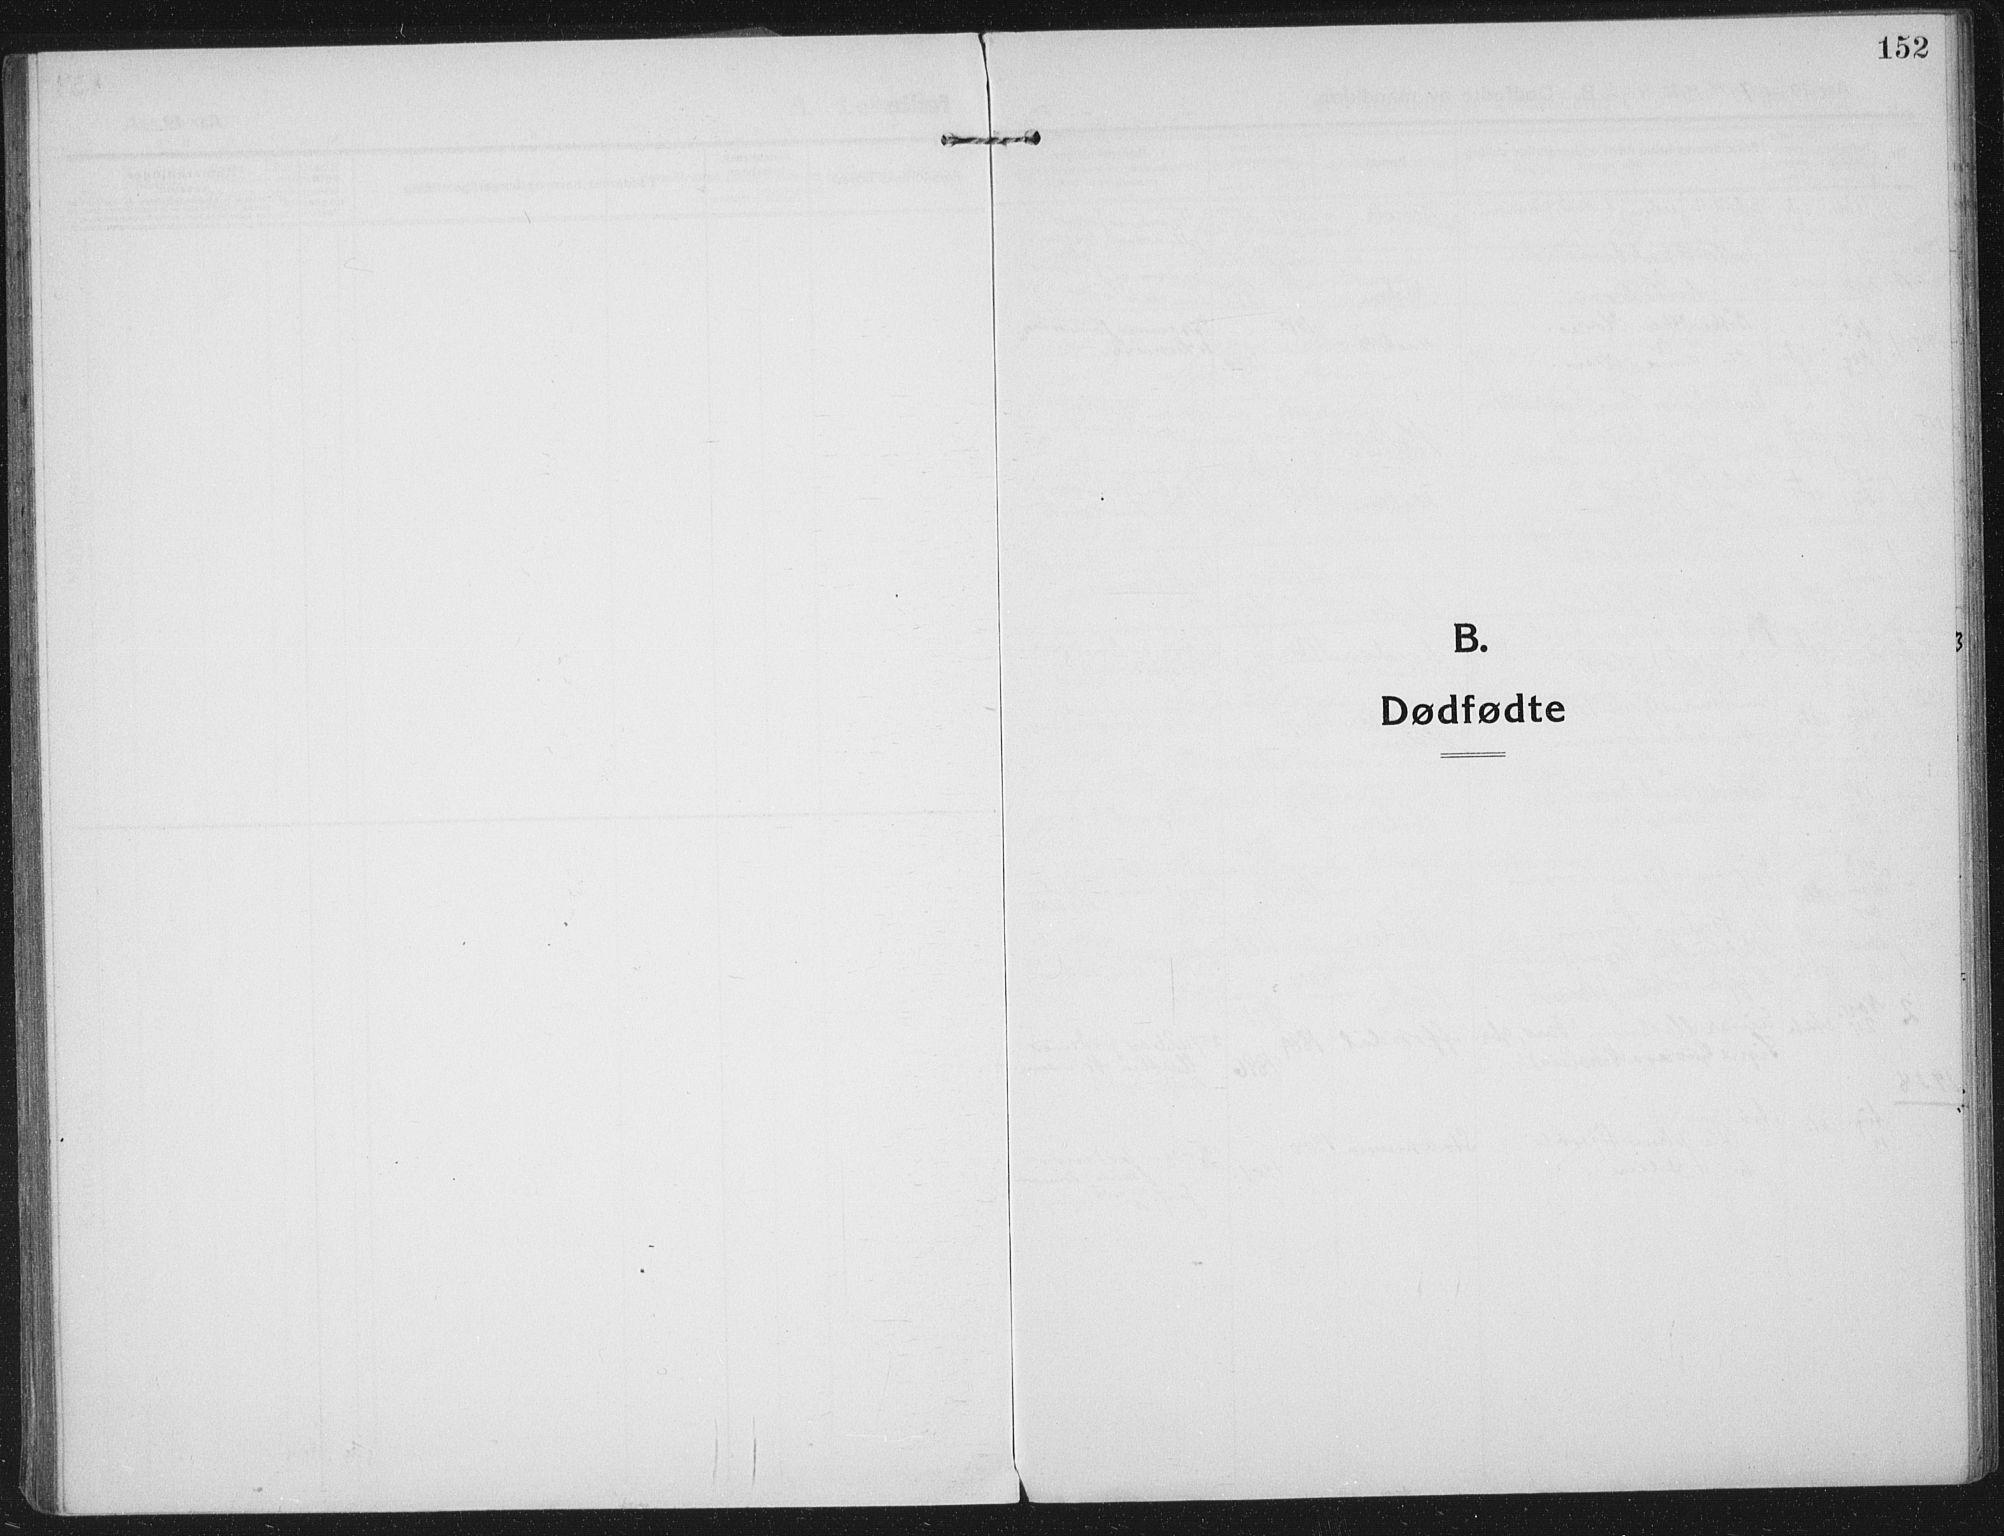 SAT, Ministerialprotokoller, klokkerbøker og fødselsregistre - Nord-Trøndelag, 709/L0083: Ministerialbok nr. 709A23, 1916-1928, s. 152